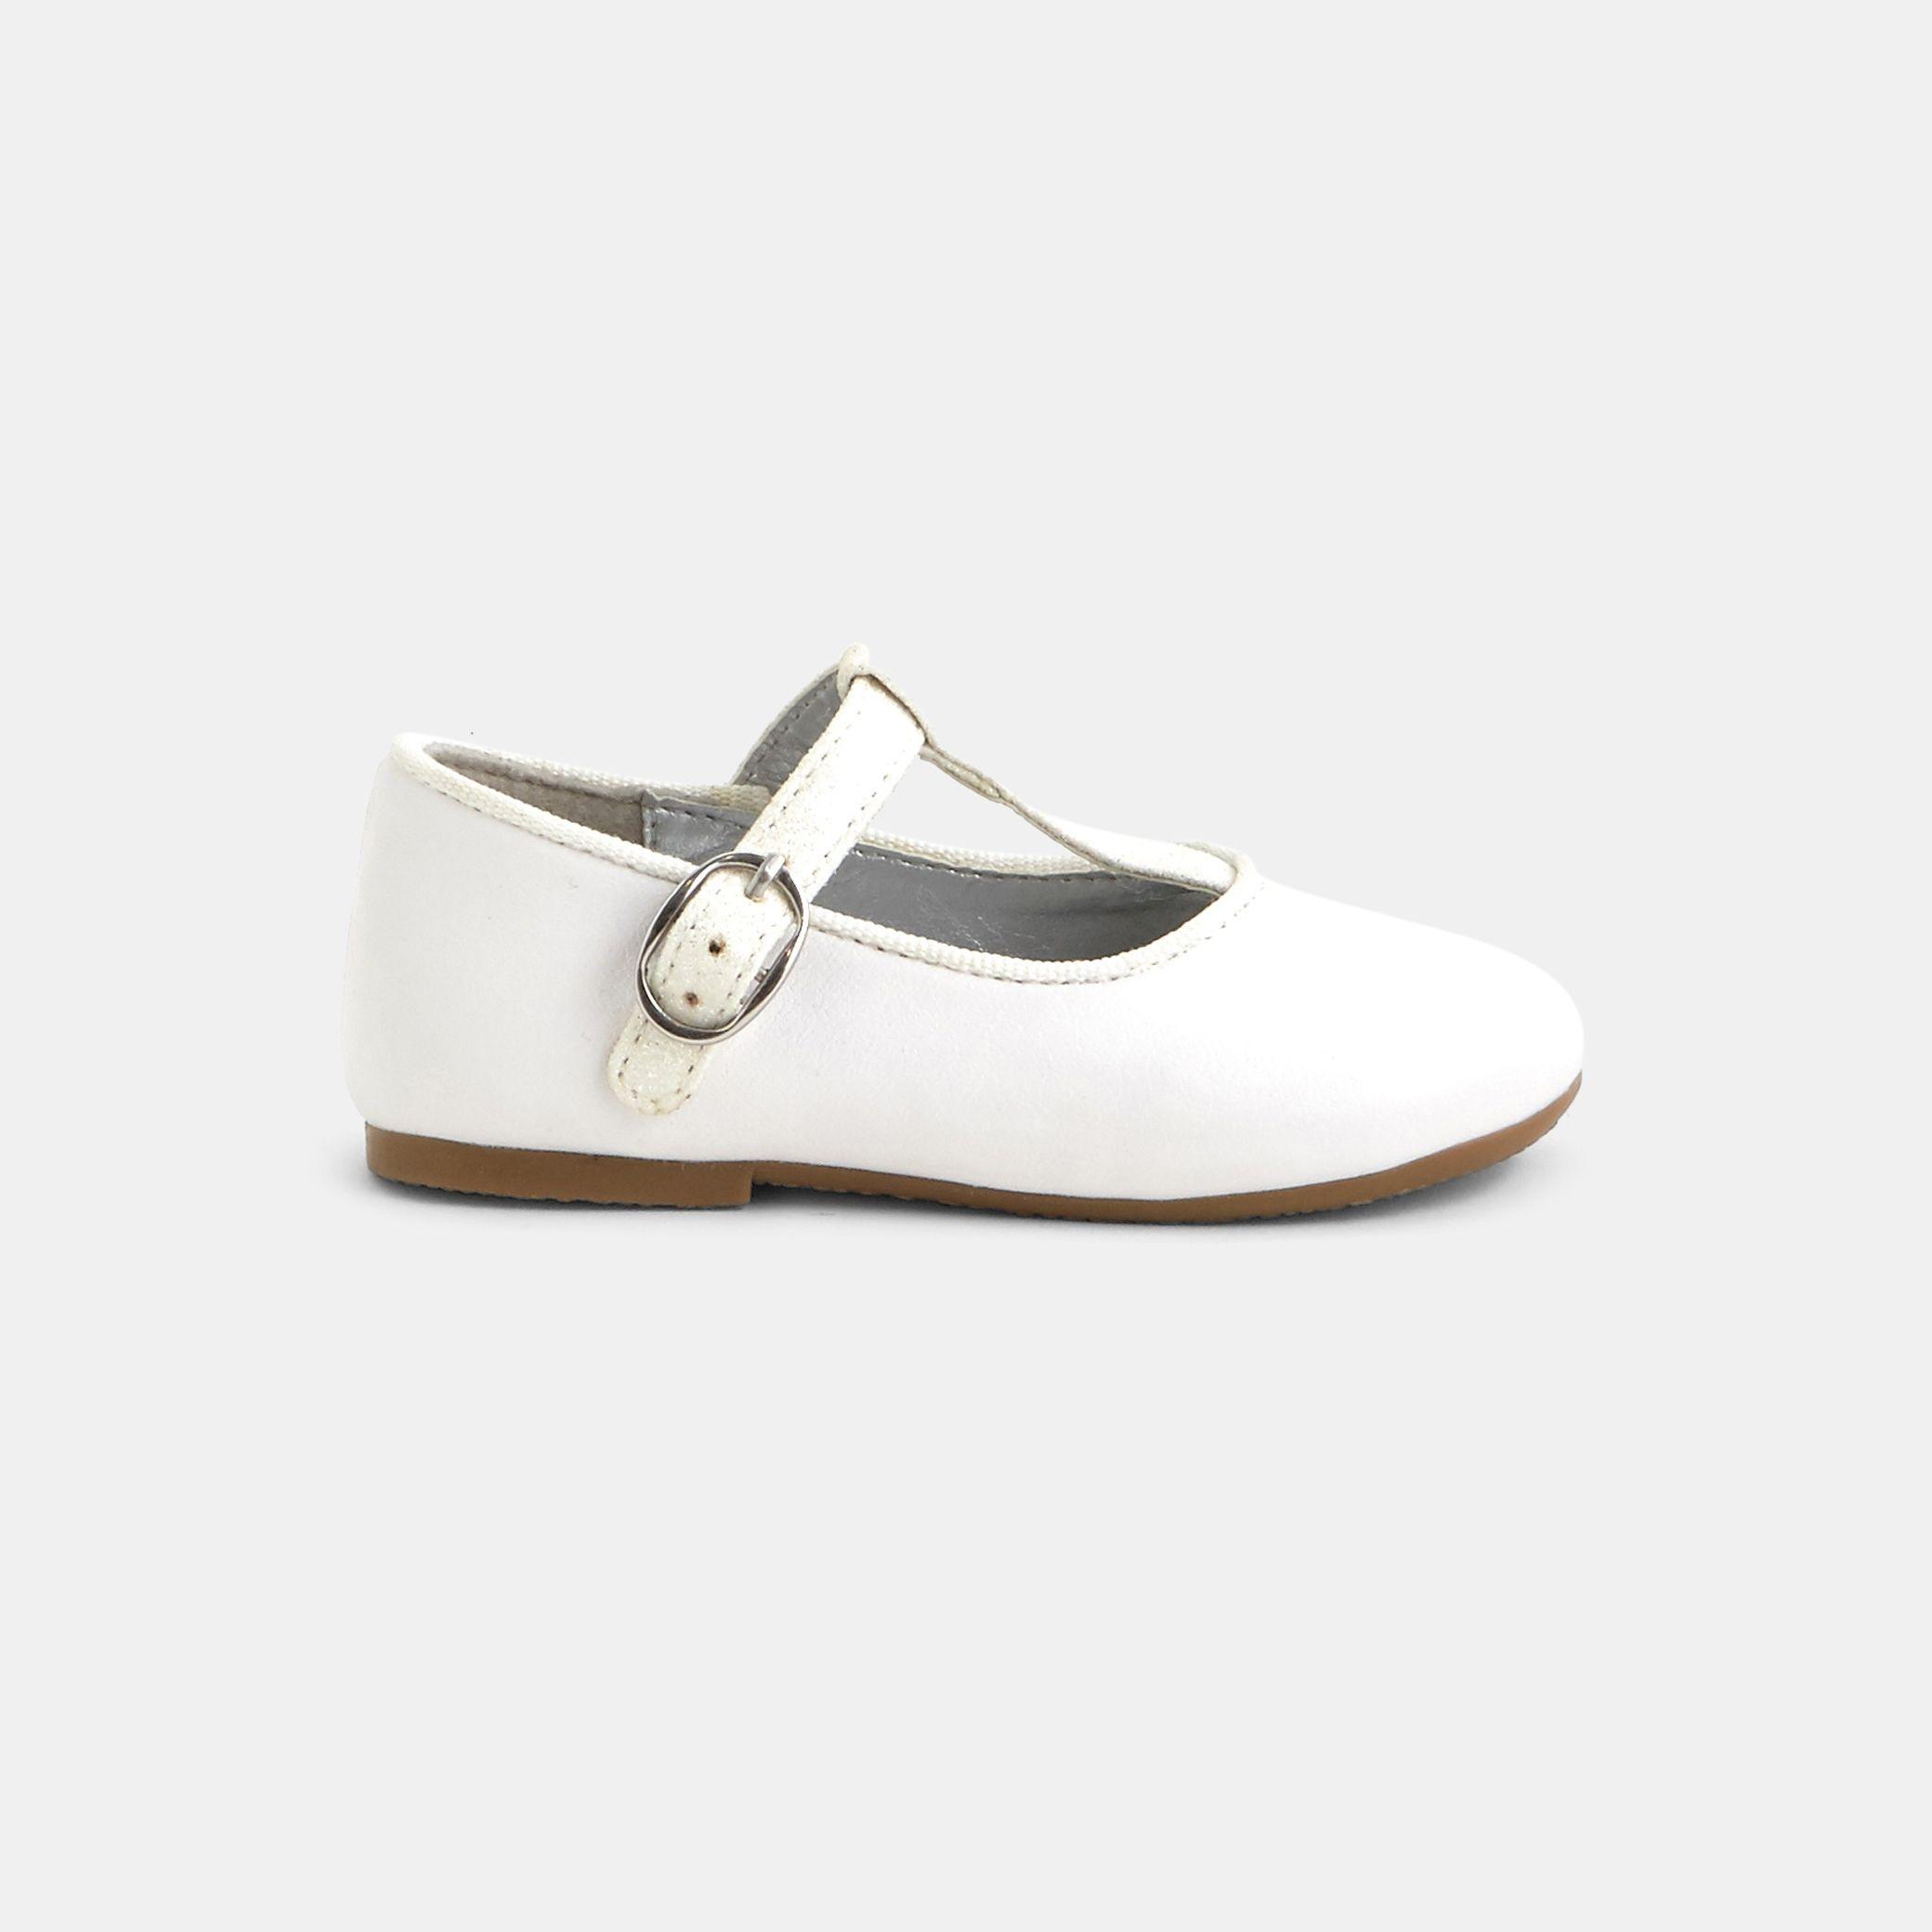 159e833ab524d Chaussures bébé fille. Ballerines blanches citadines de cérémonie.  Imitation cuir PU. Bride en